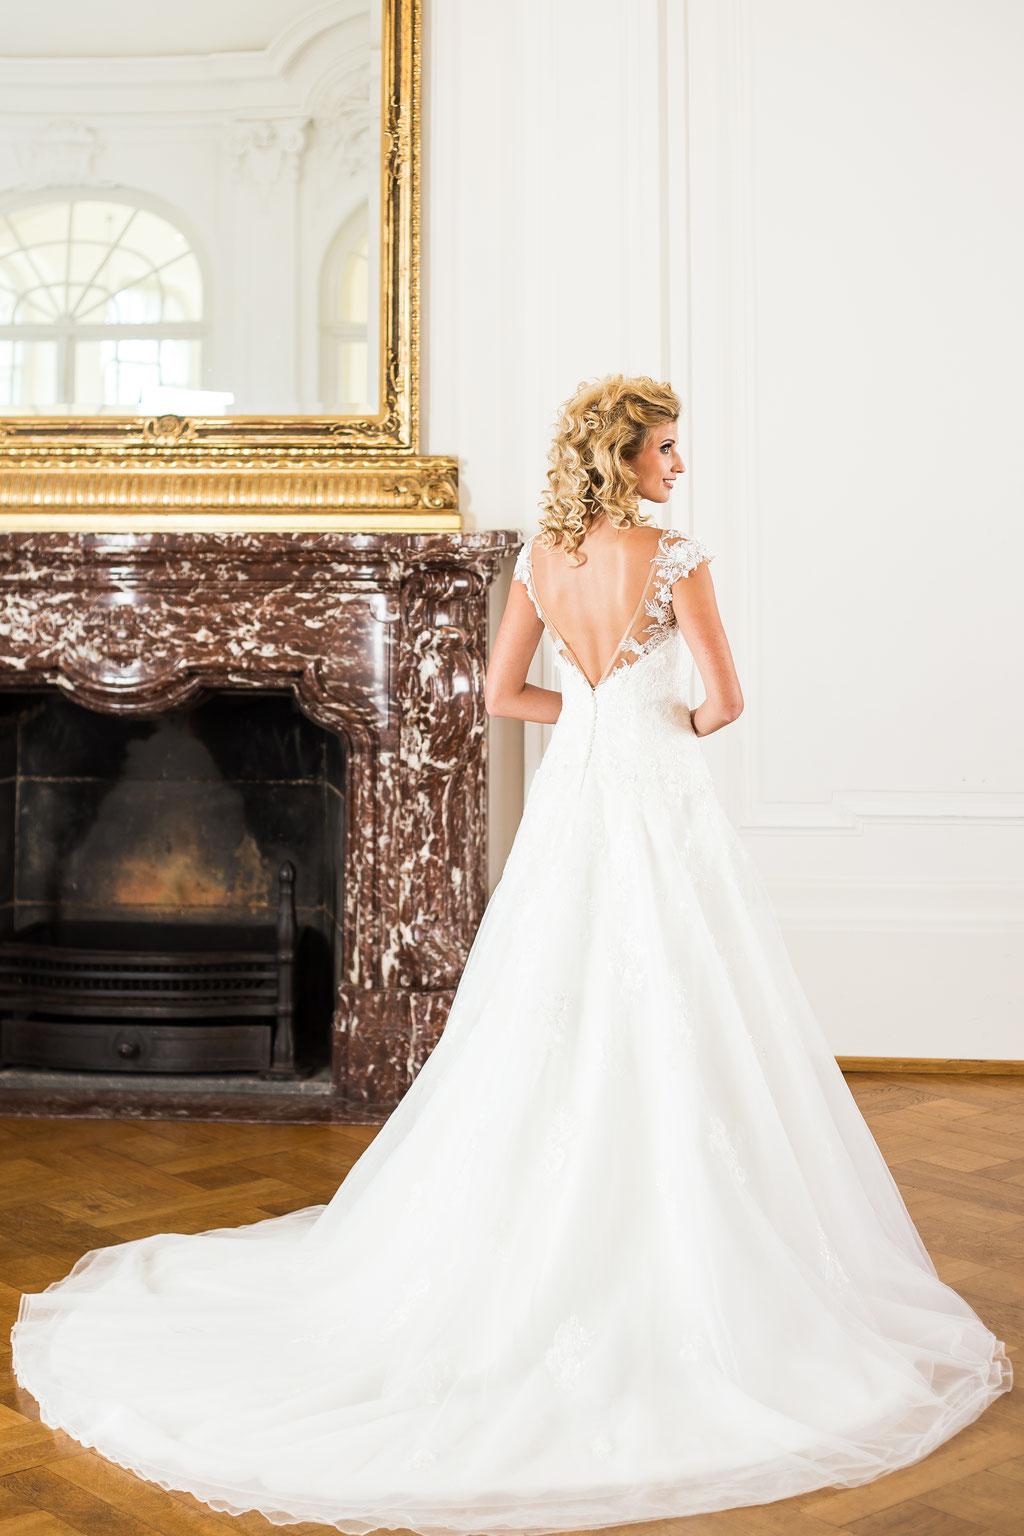 Träger tiefer Rücken Spitze Glitzer Brautmode München Google Empfehlung Haar Cecile White Silhouette ivory